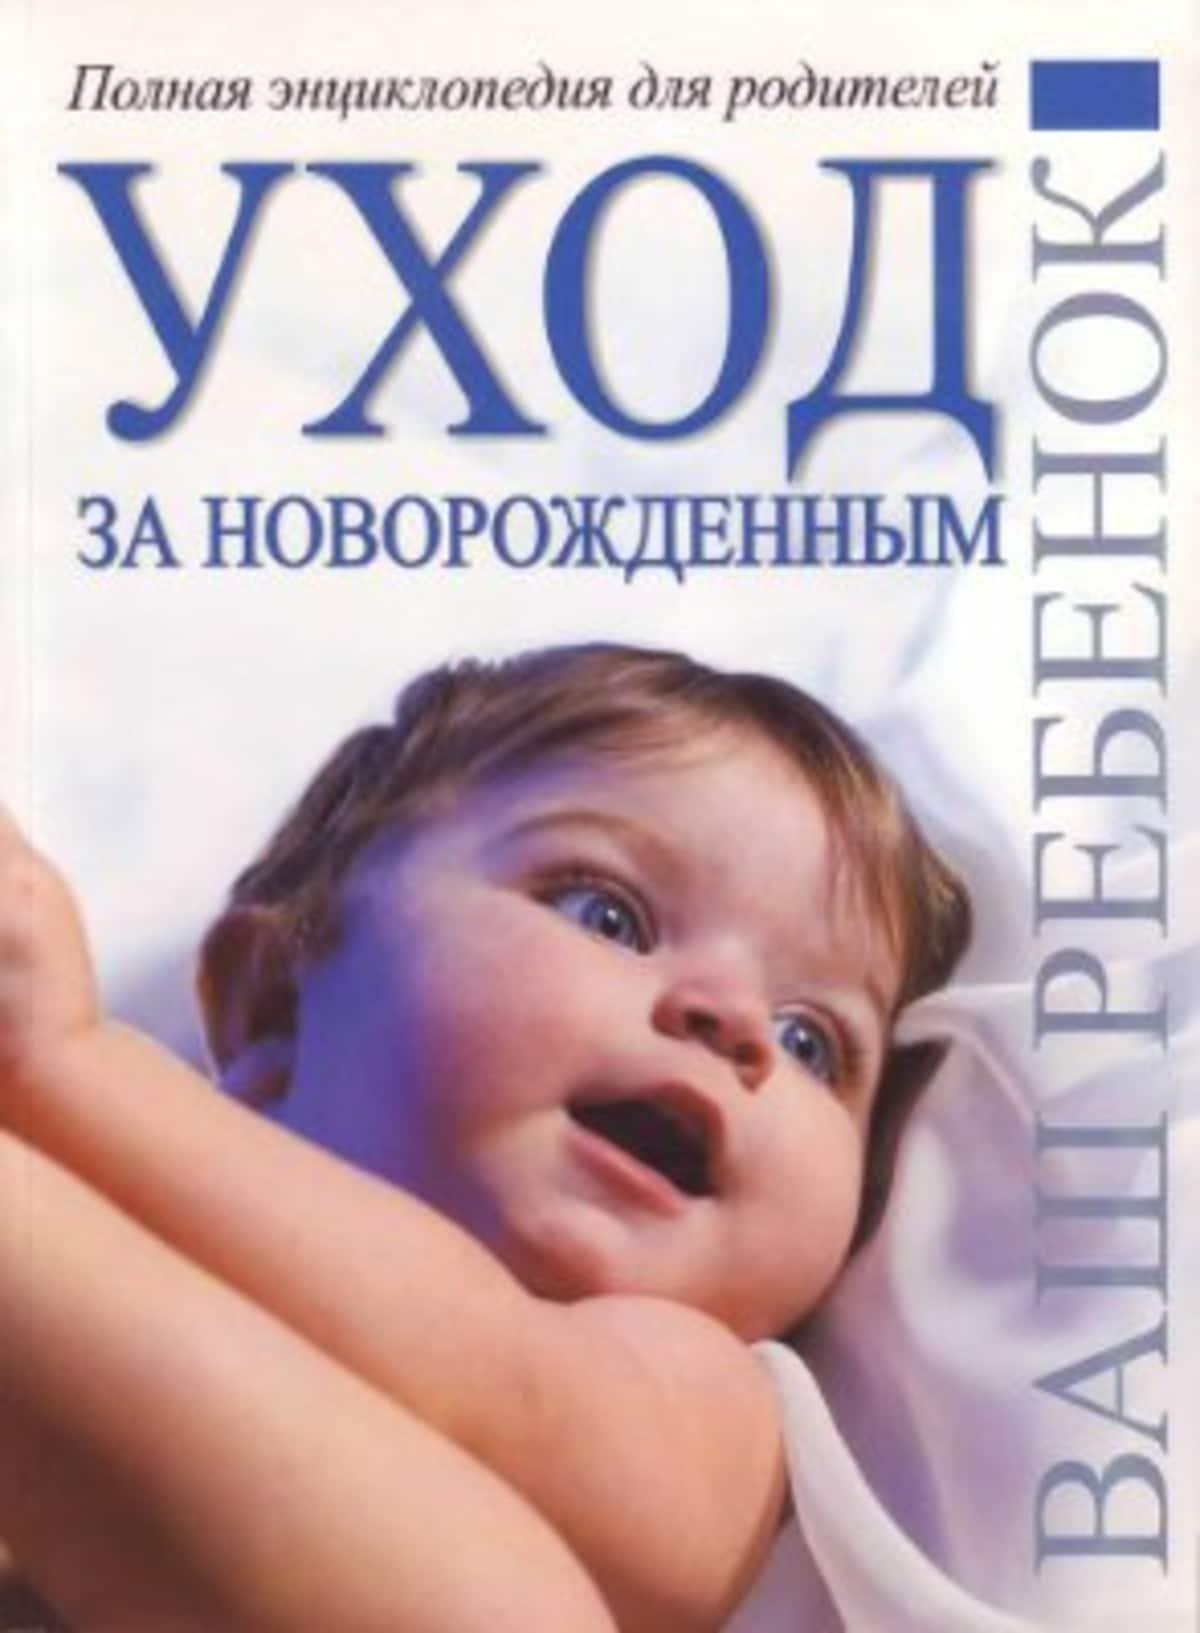 Сыпь: аллергия или цветение новорожденного?